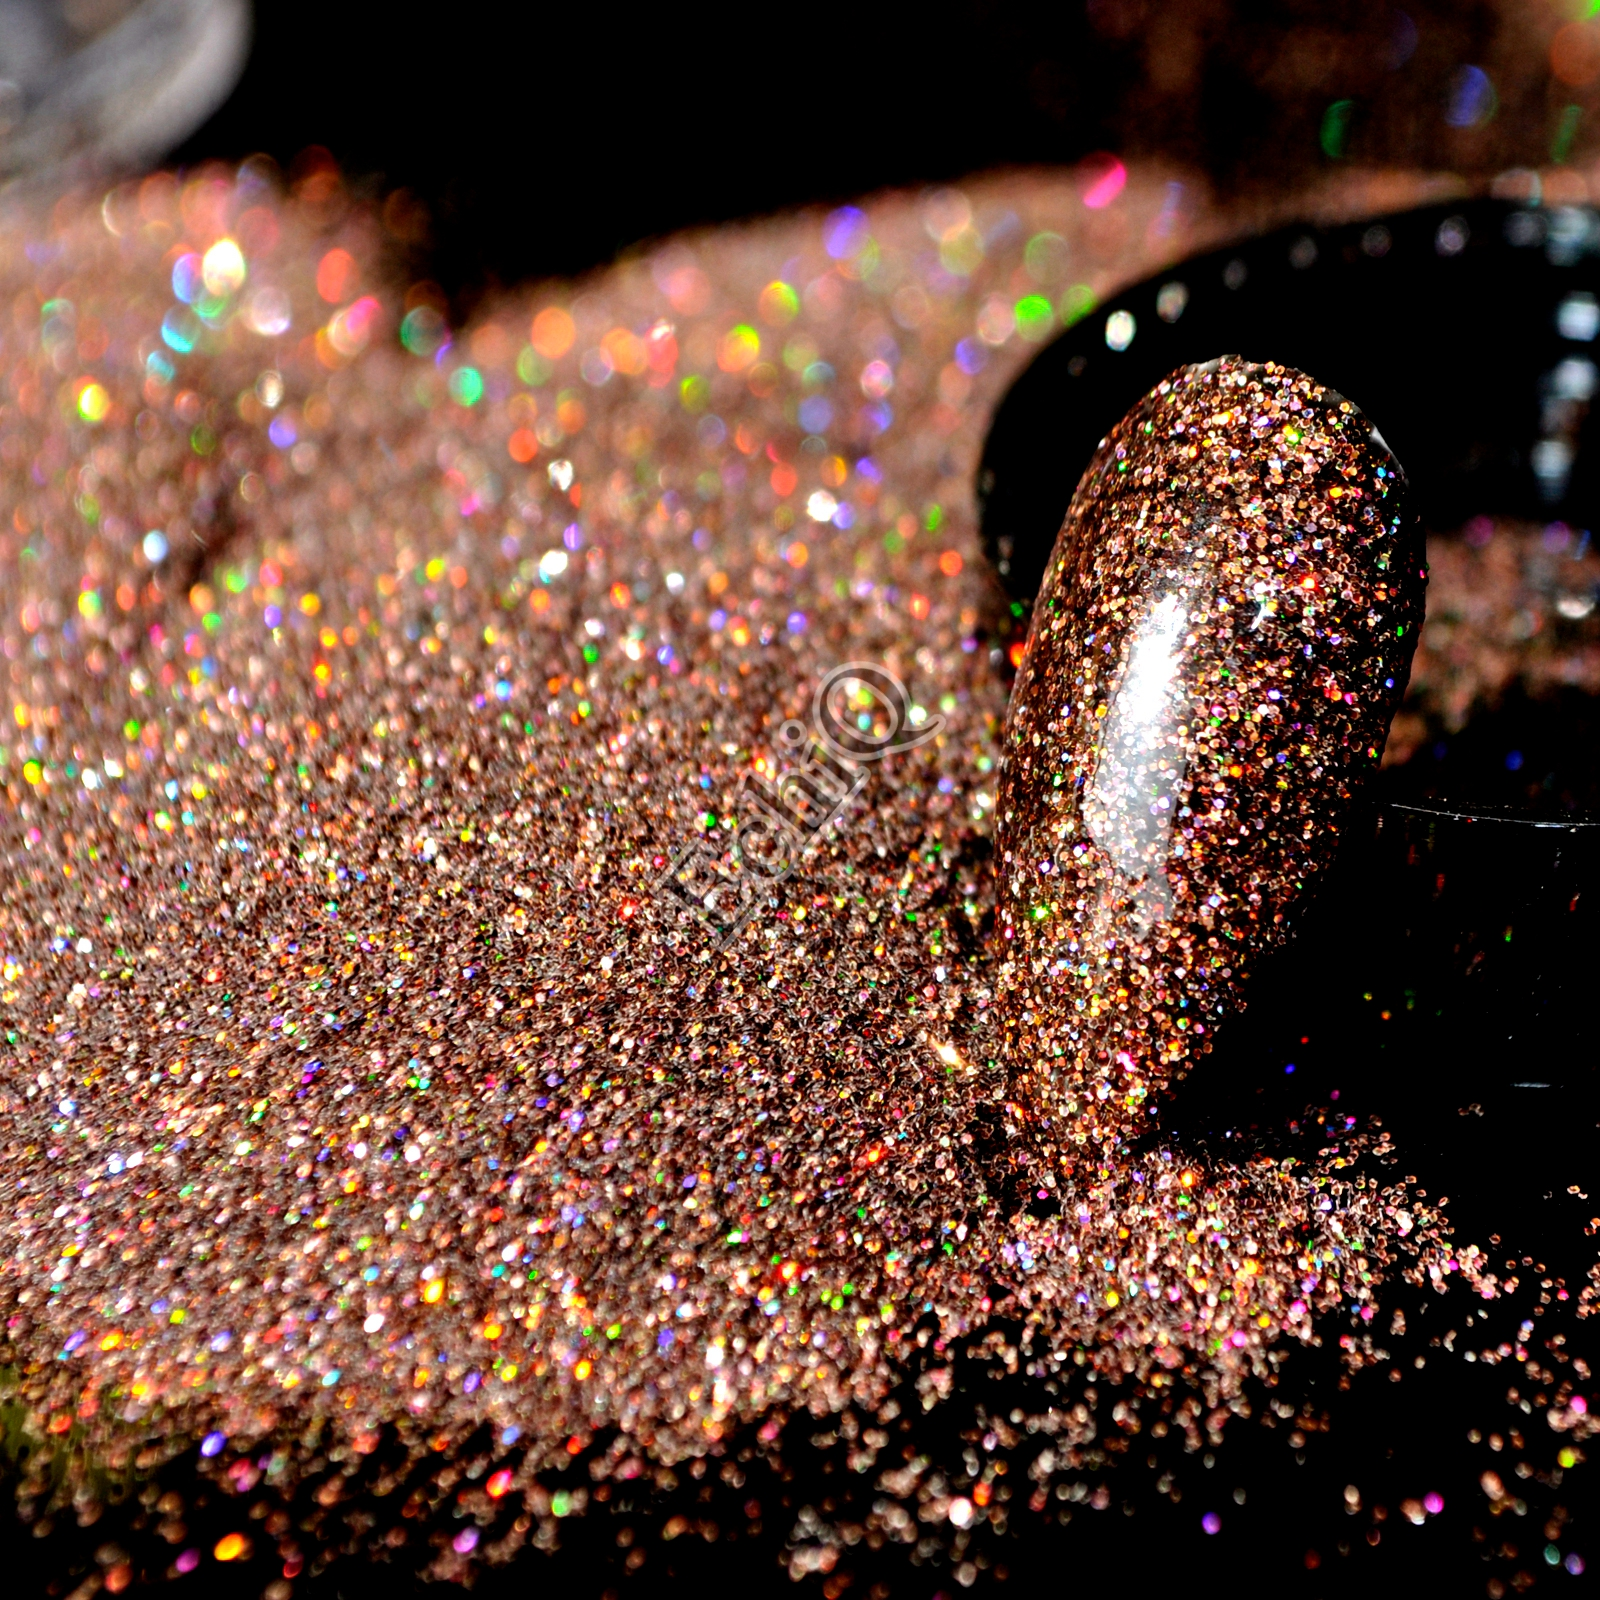 Schönheit & Gesundheit 6 Farben Glänzende Runde Ultra Dünne Pailletten Holo Nail Art Glitter Tipps Uv Gel 3d Nagel Dekoration Maniküre Diy Zubehör Moderater Preis